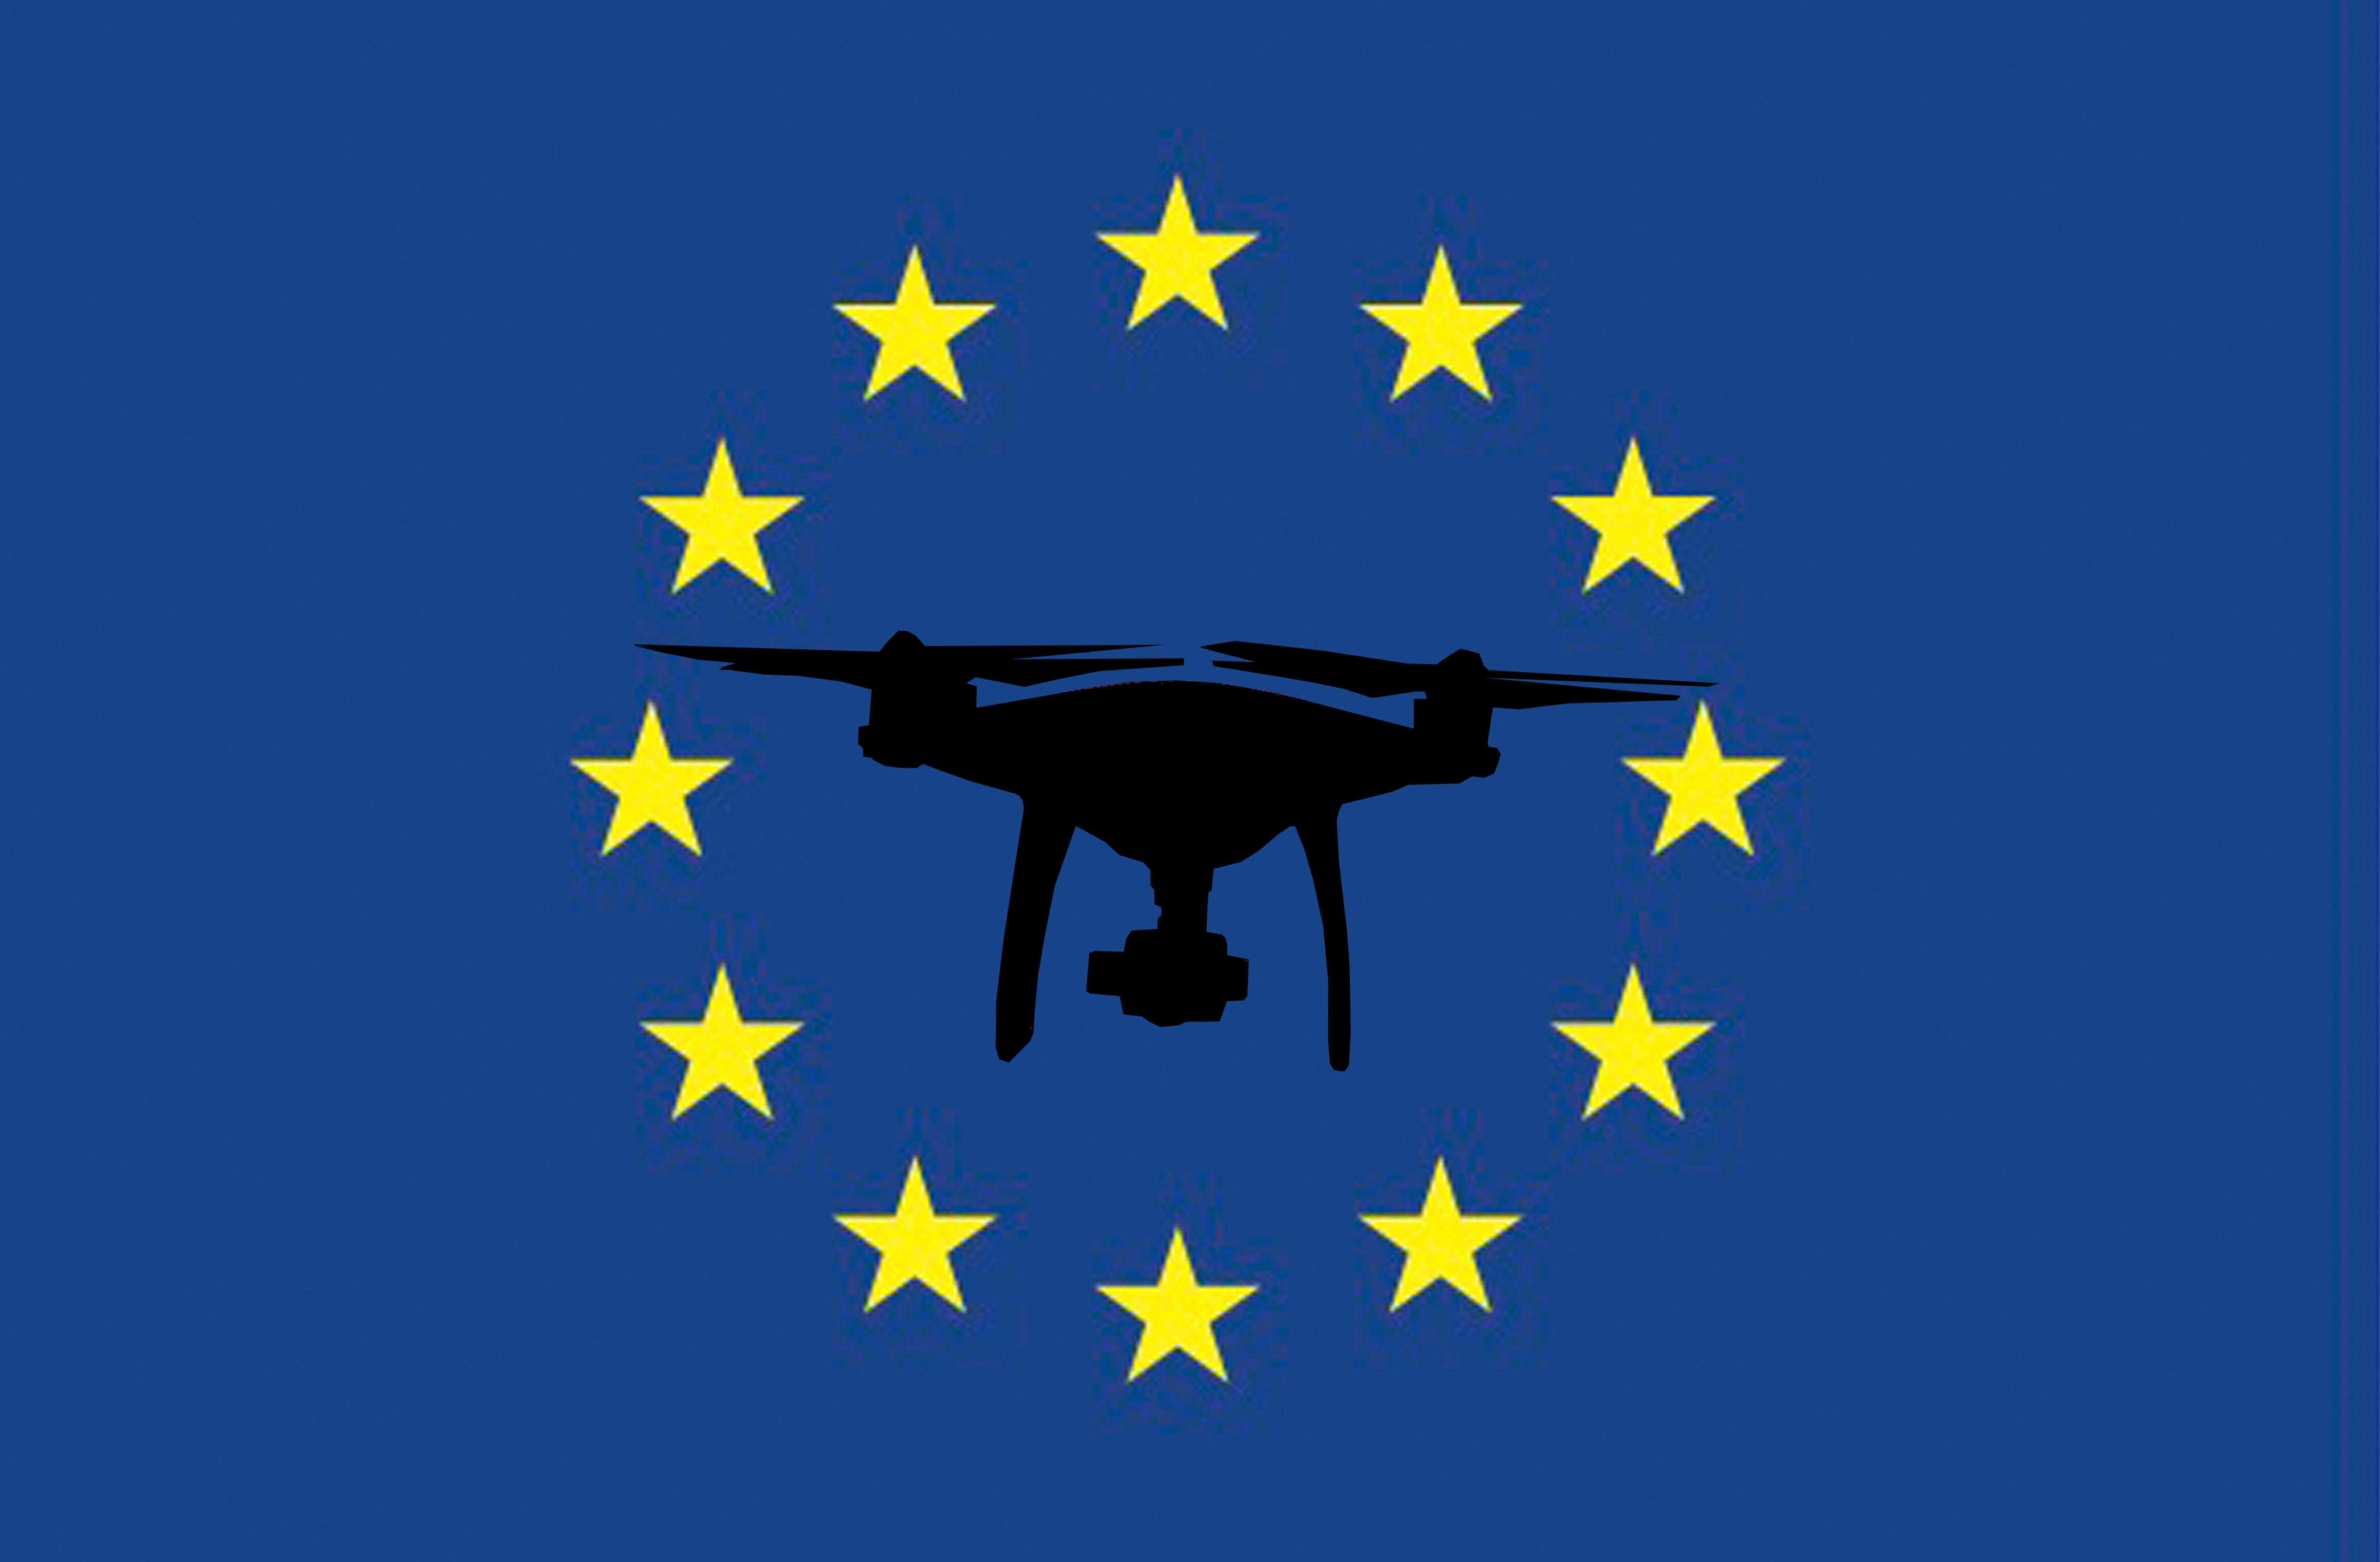 dron-euparlament-jogszabaly-drontorveny.jpg